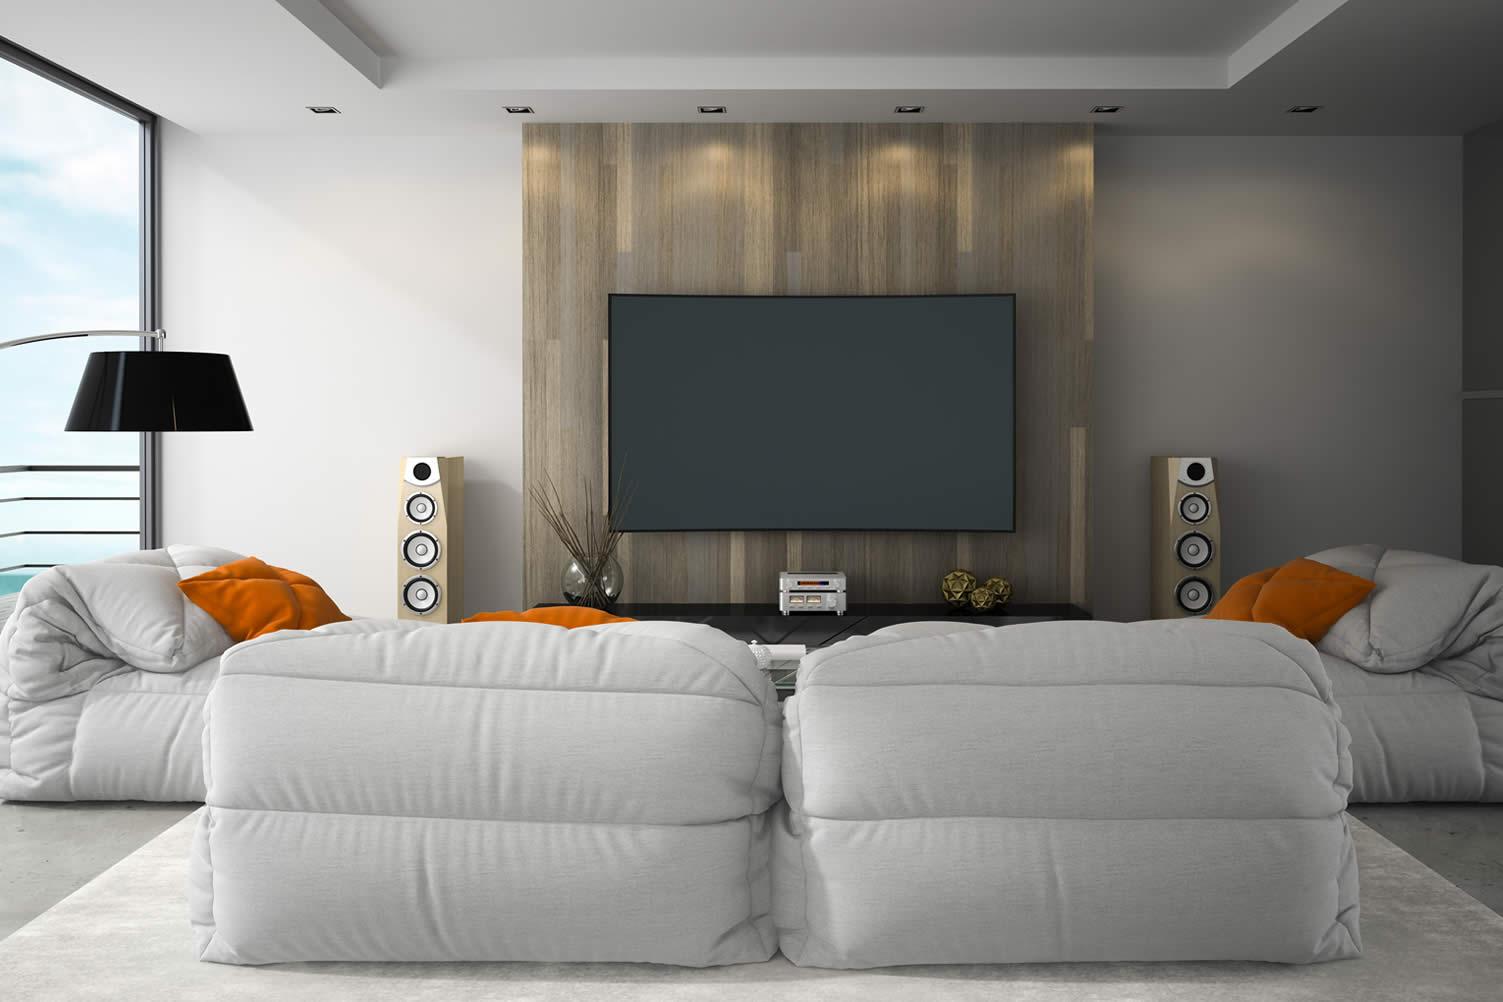 install an entertainment center